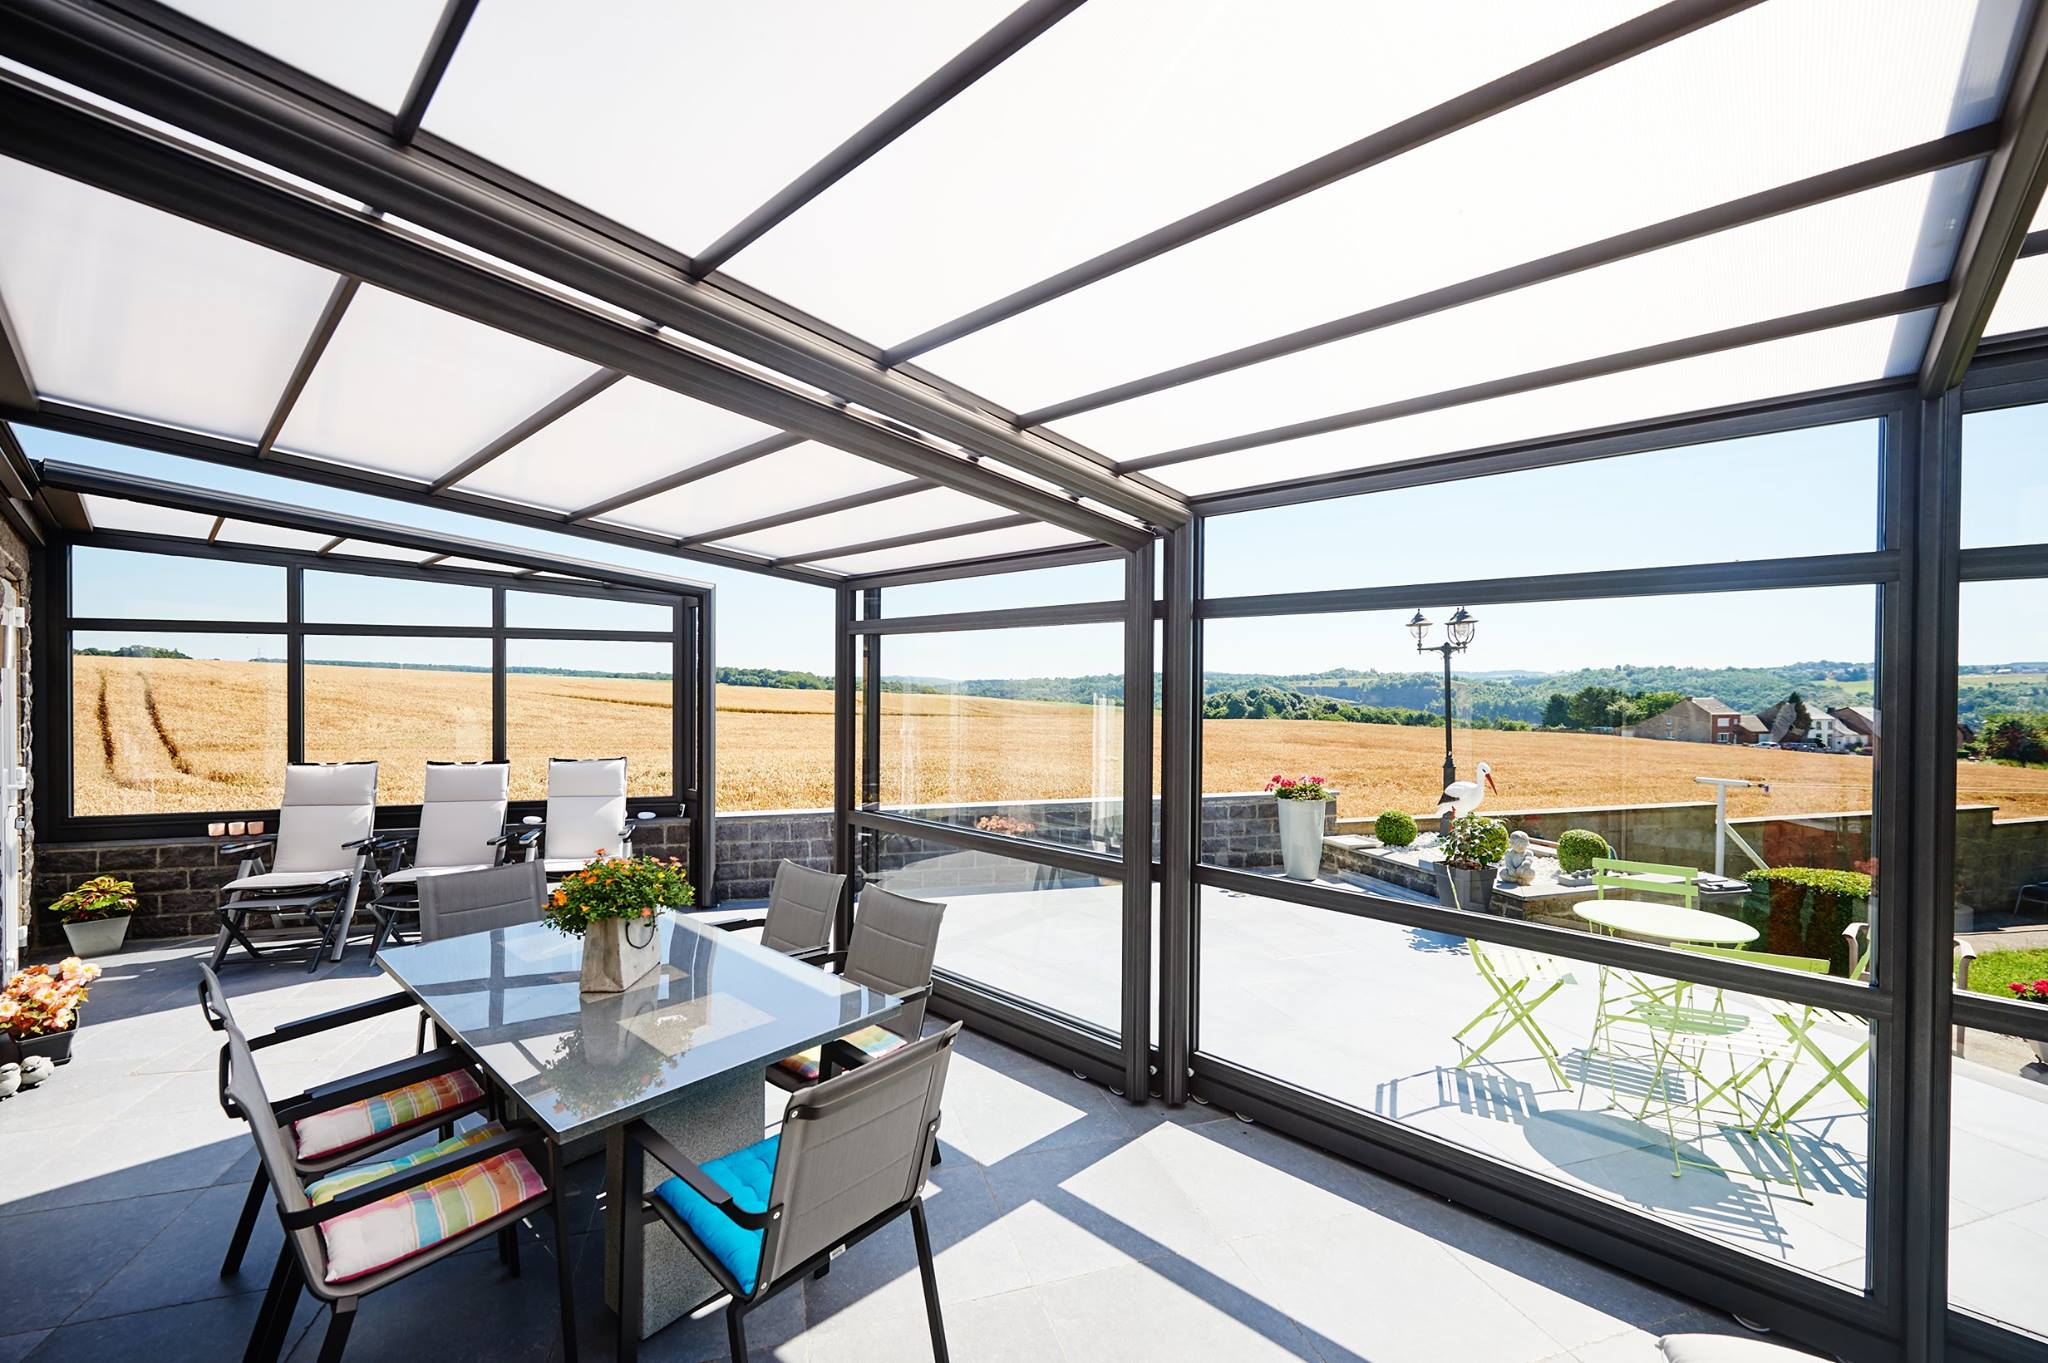 Une véranda rétractable, pour profiter de votre terrasse malgré l'hiver